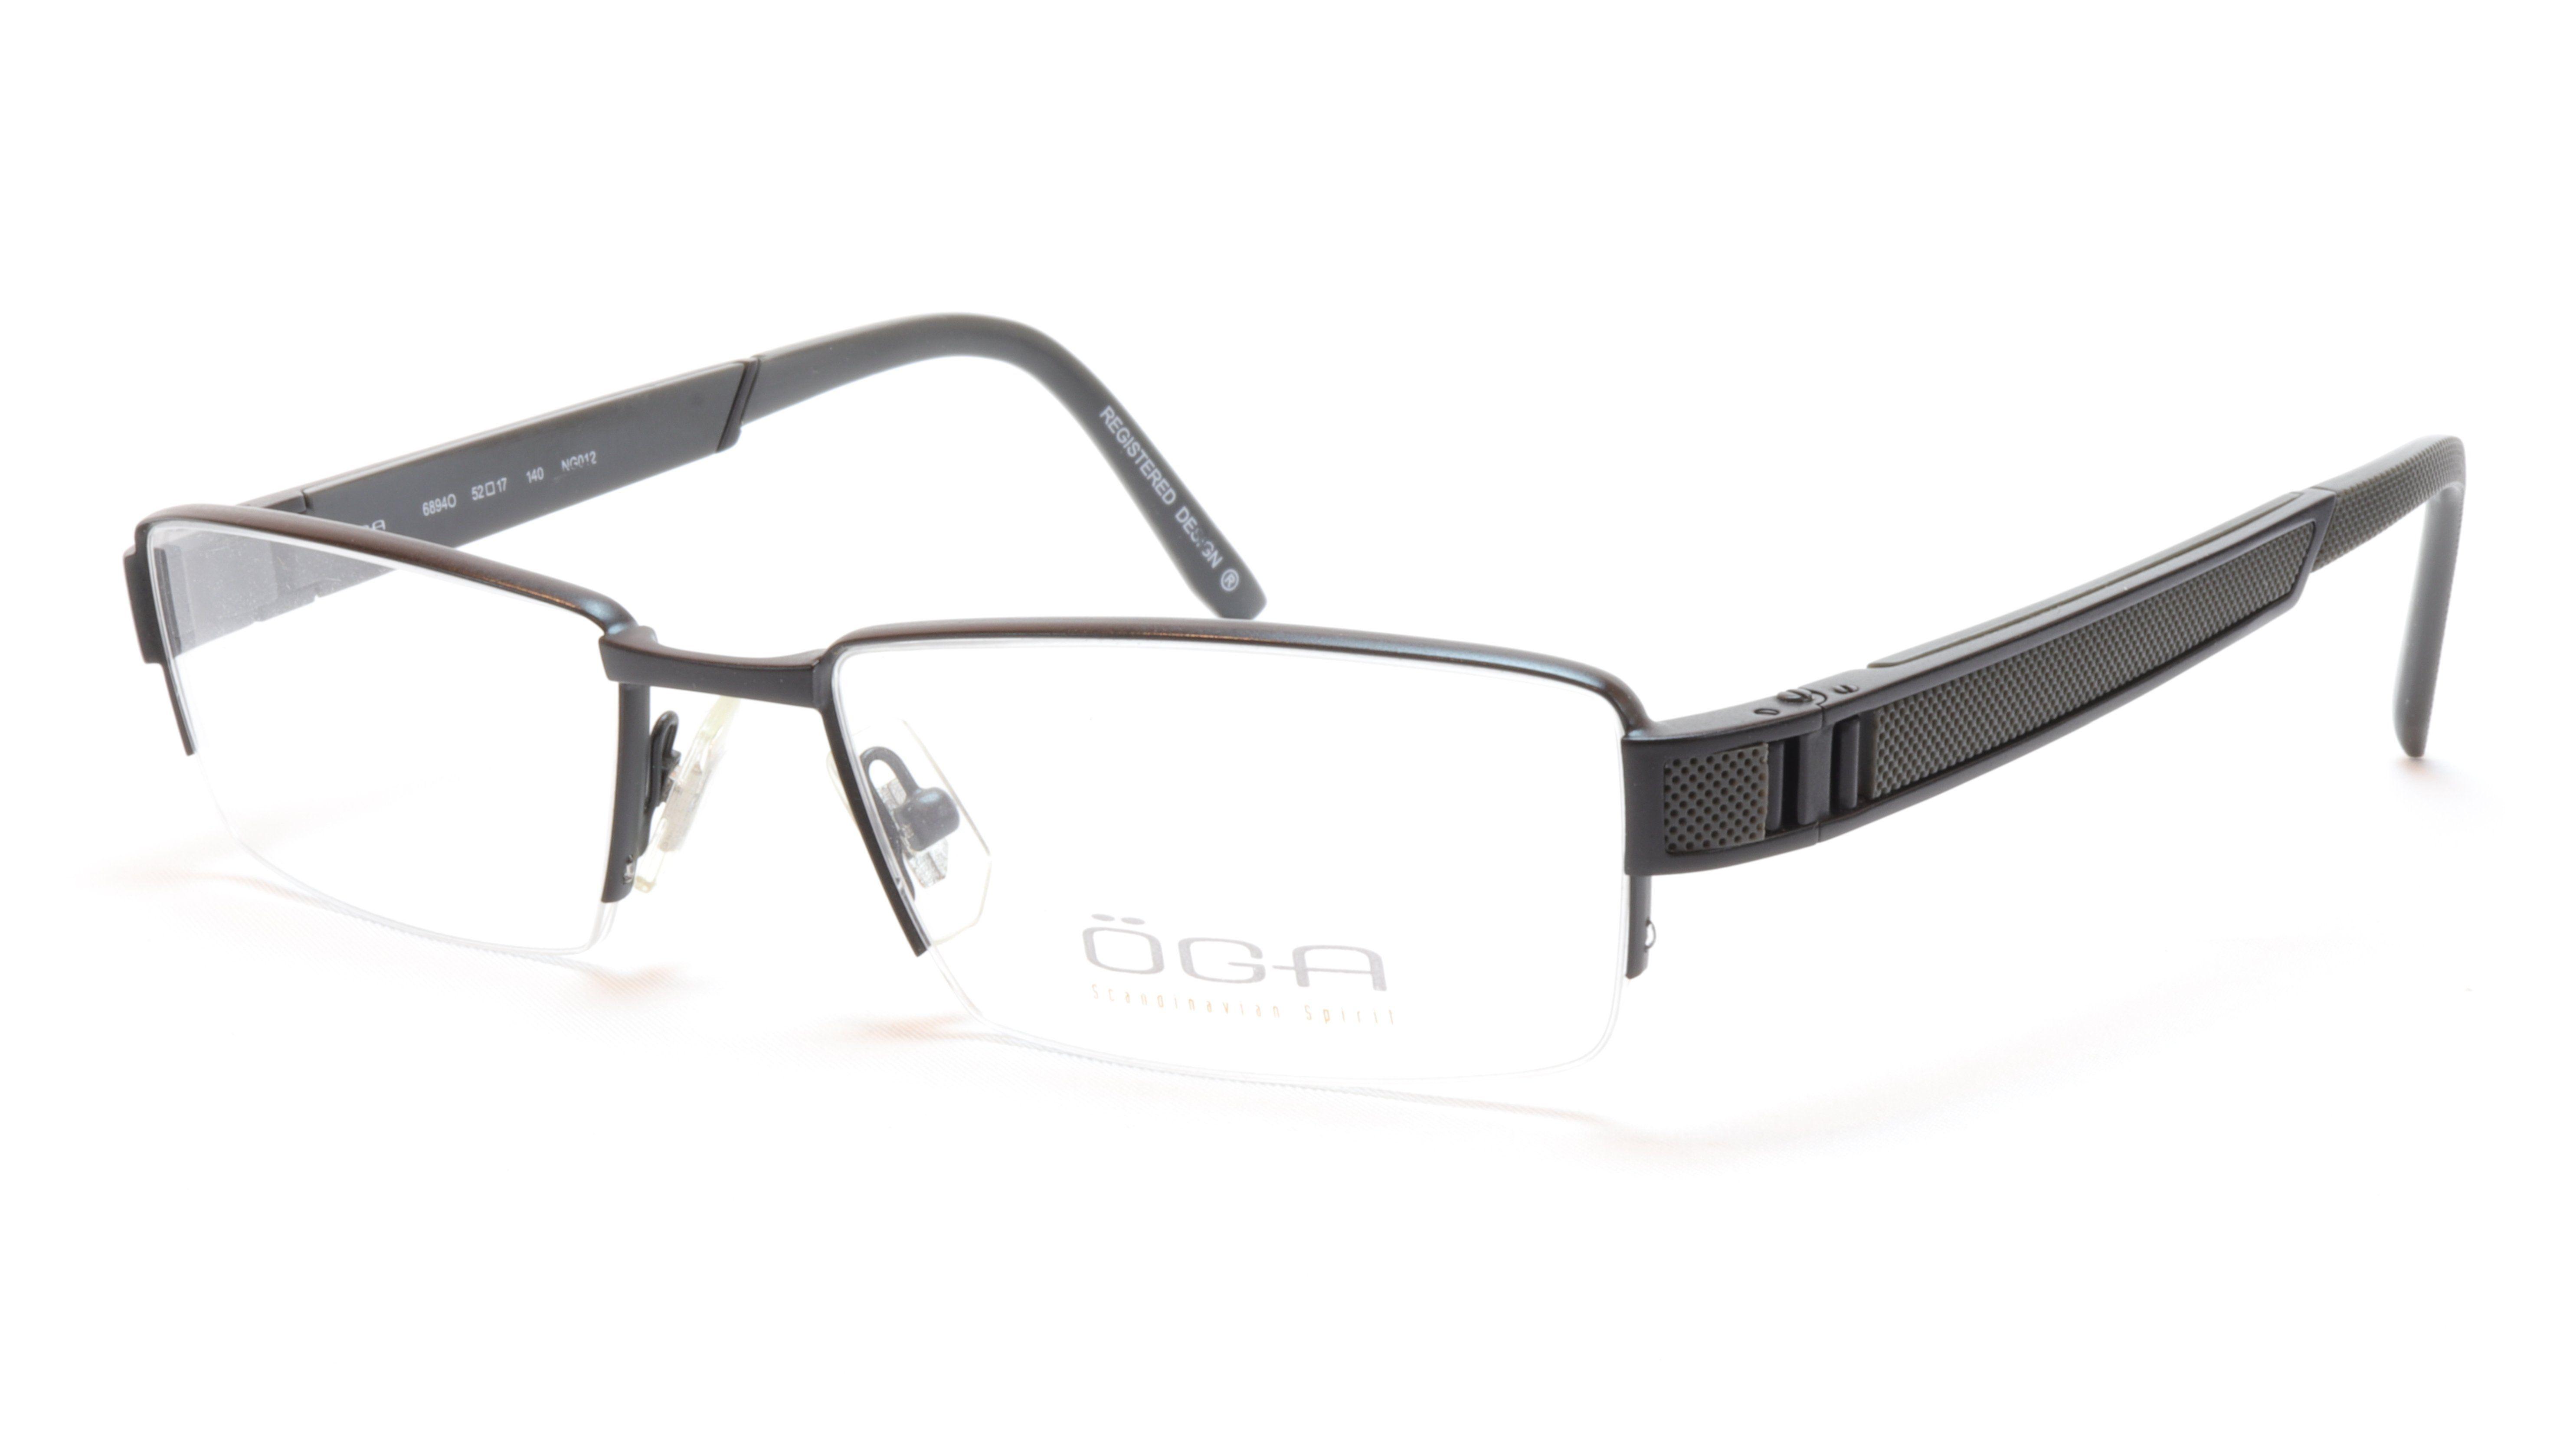 eee85b3db0a1 OGA Morel Eyeglasses Frame 68940 NG012 Acetate Metal Black France 52-17-140,  27